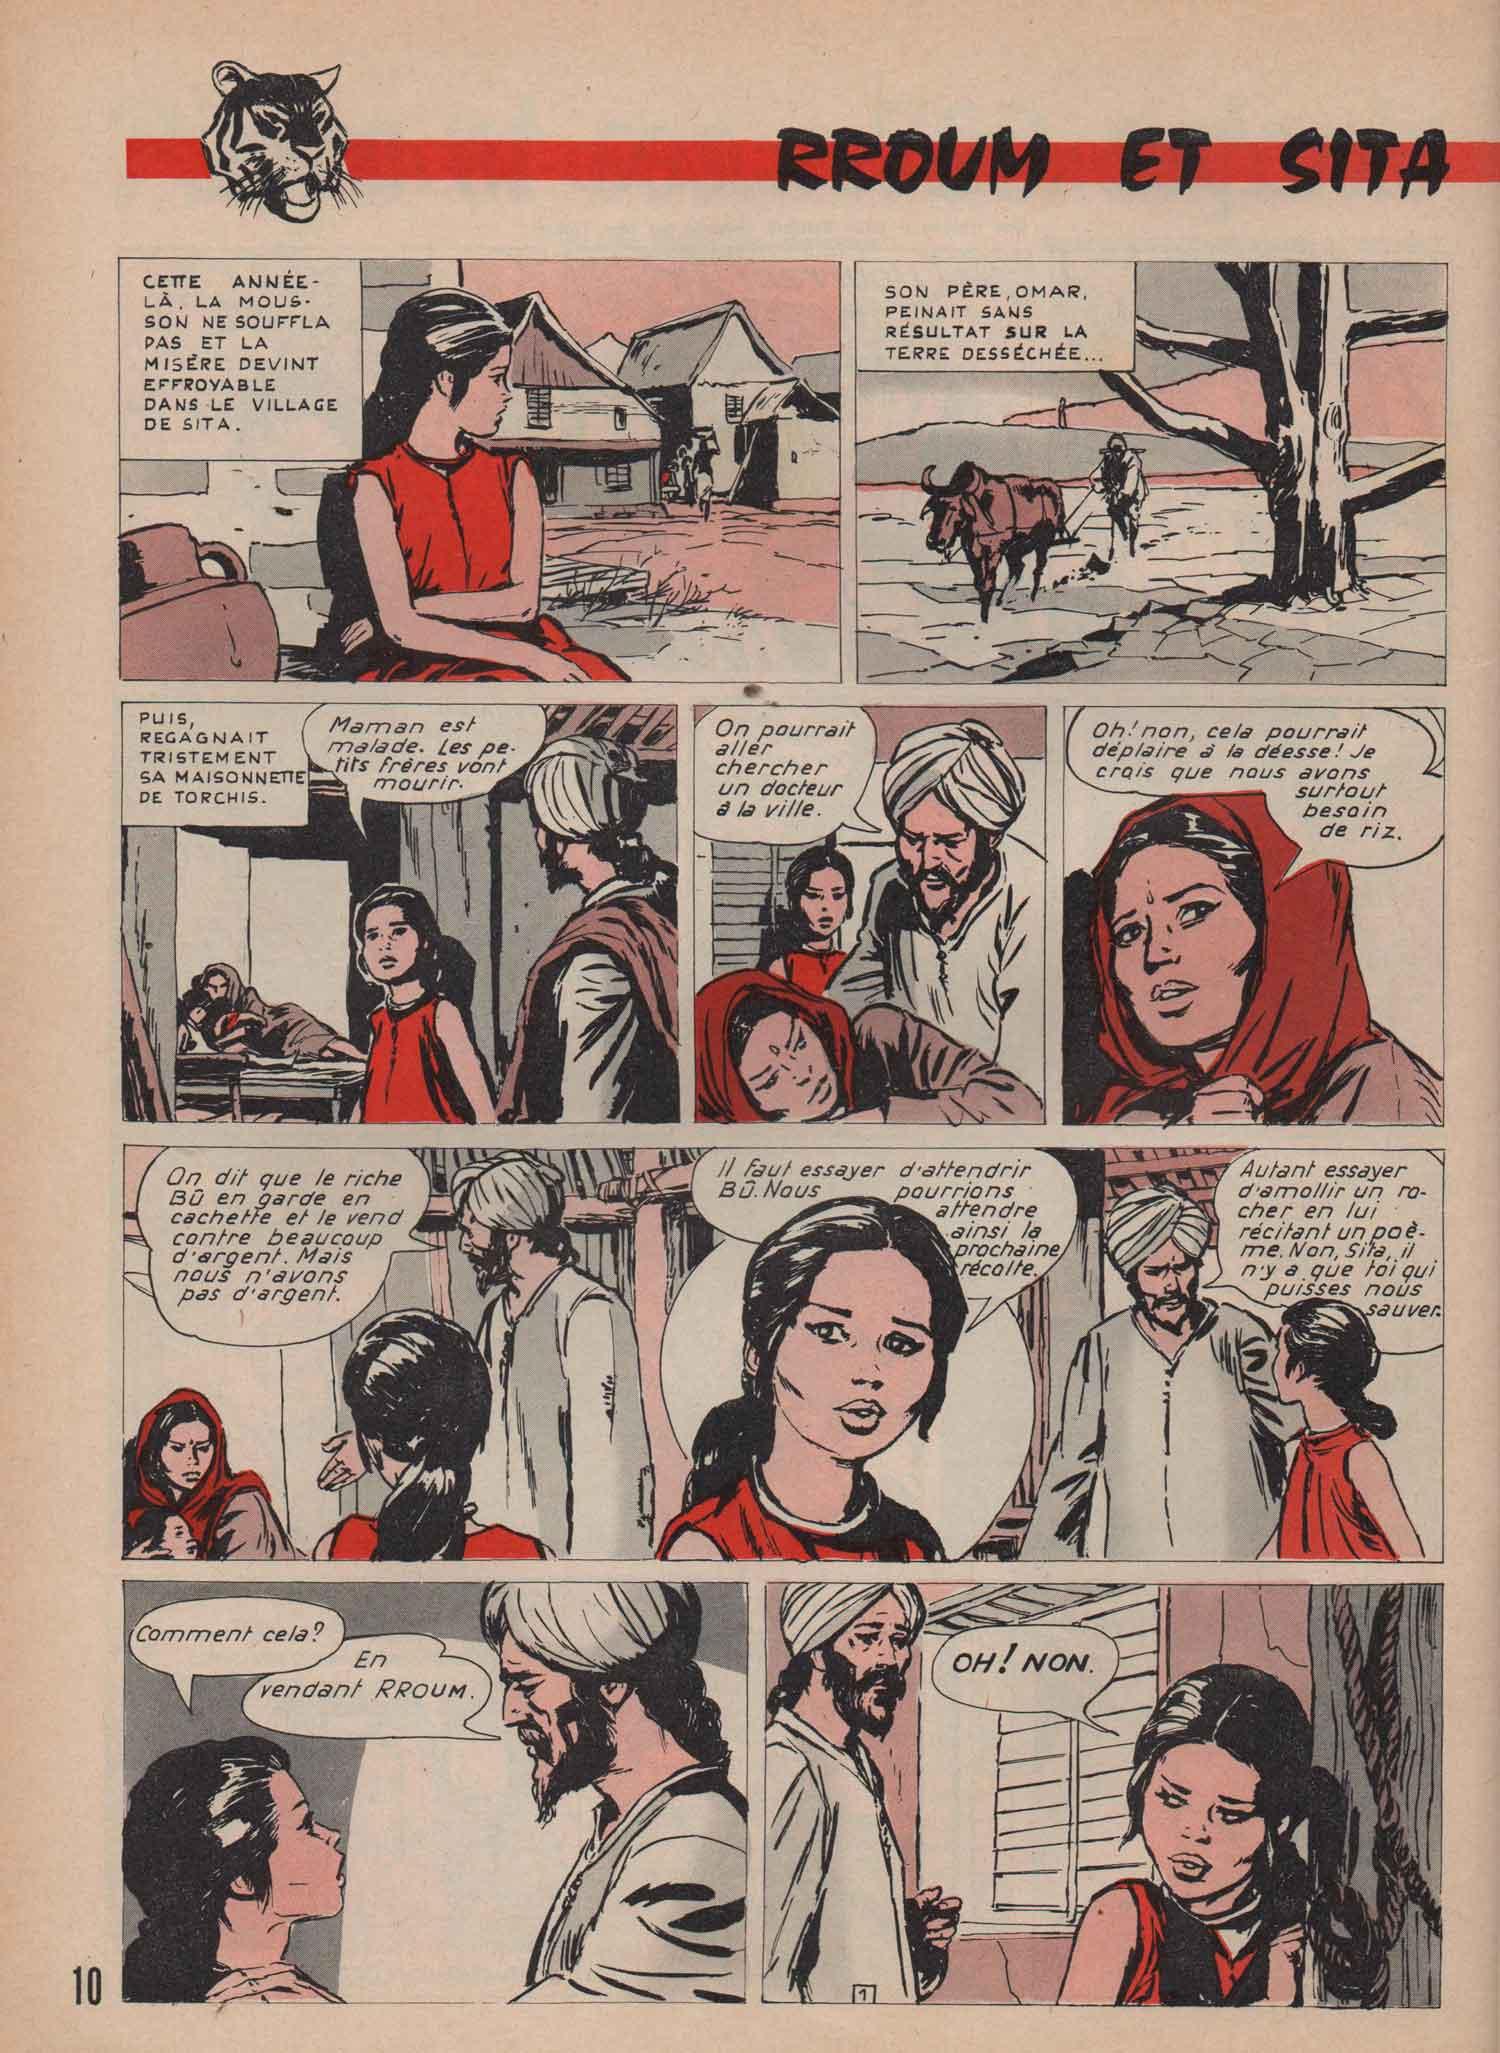 « Rroum et Sita » dans Lisette n° 38 (18/09/1966).